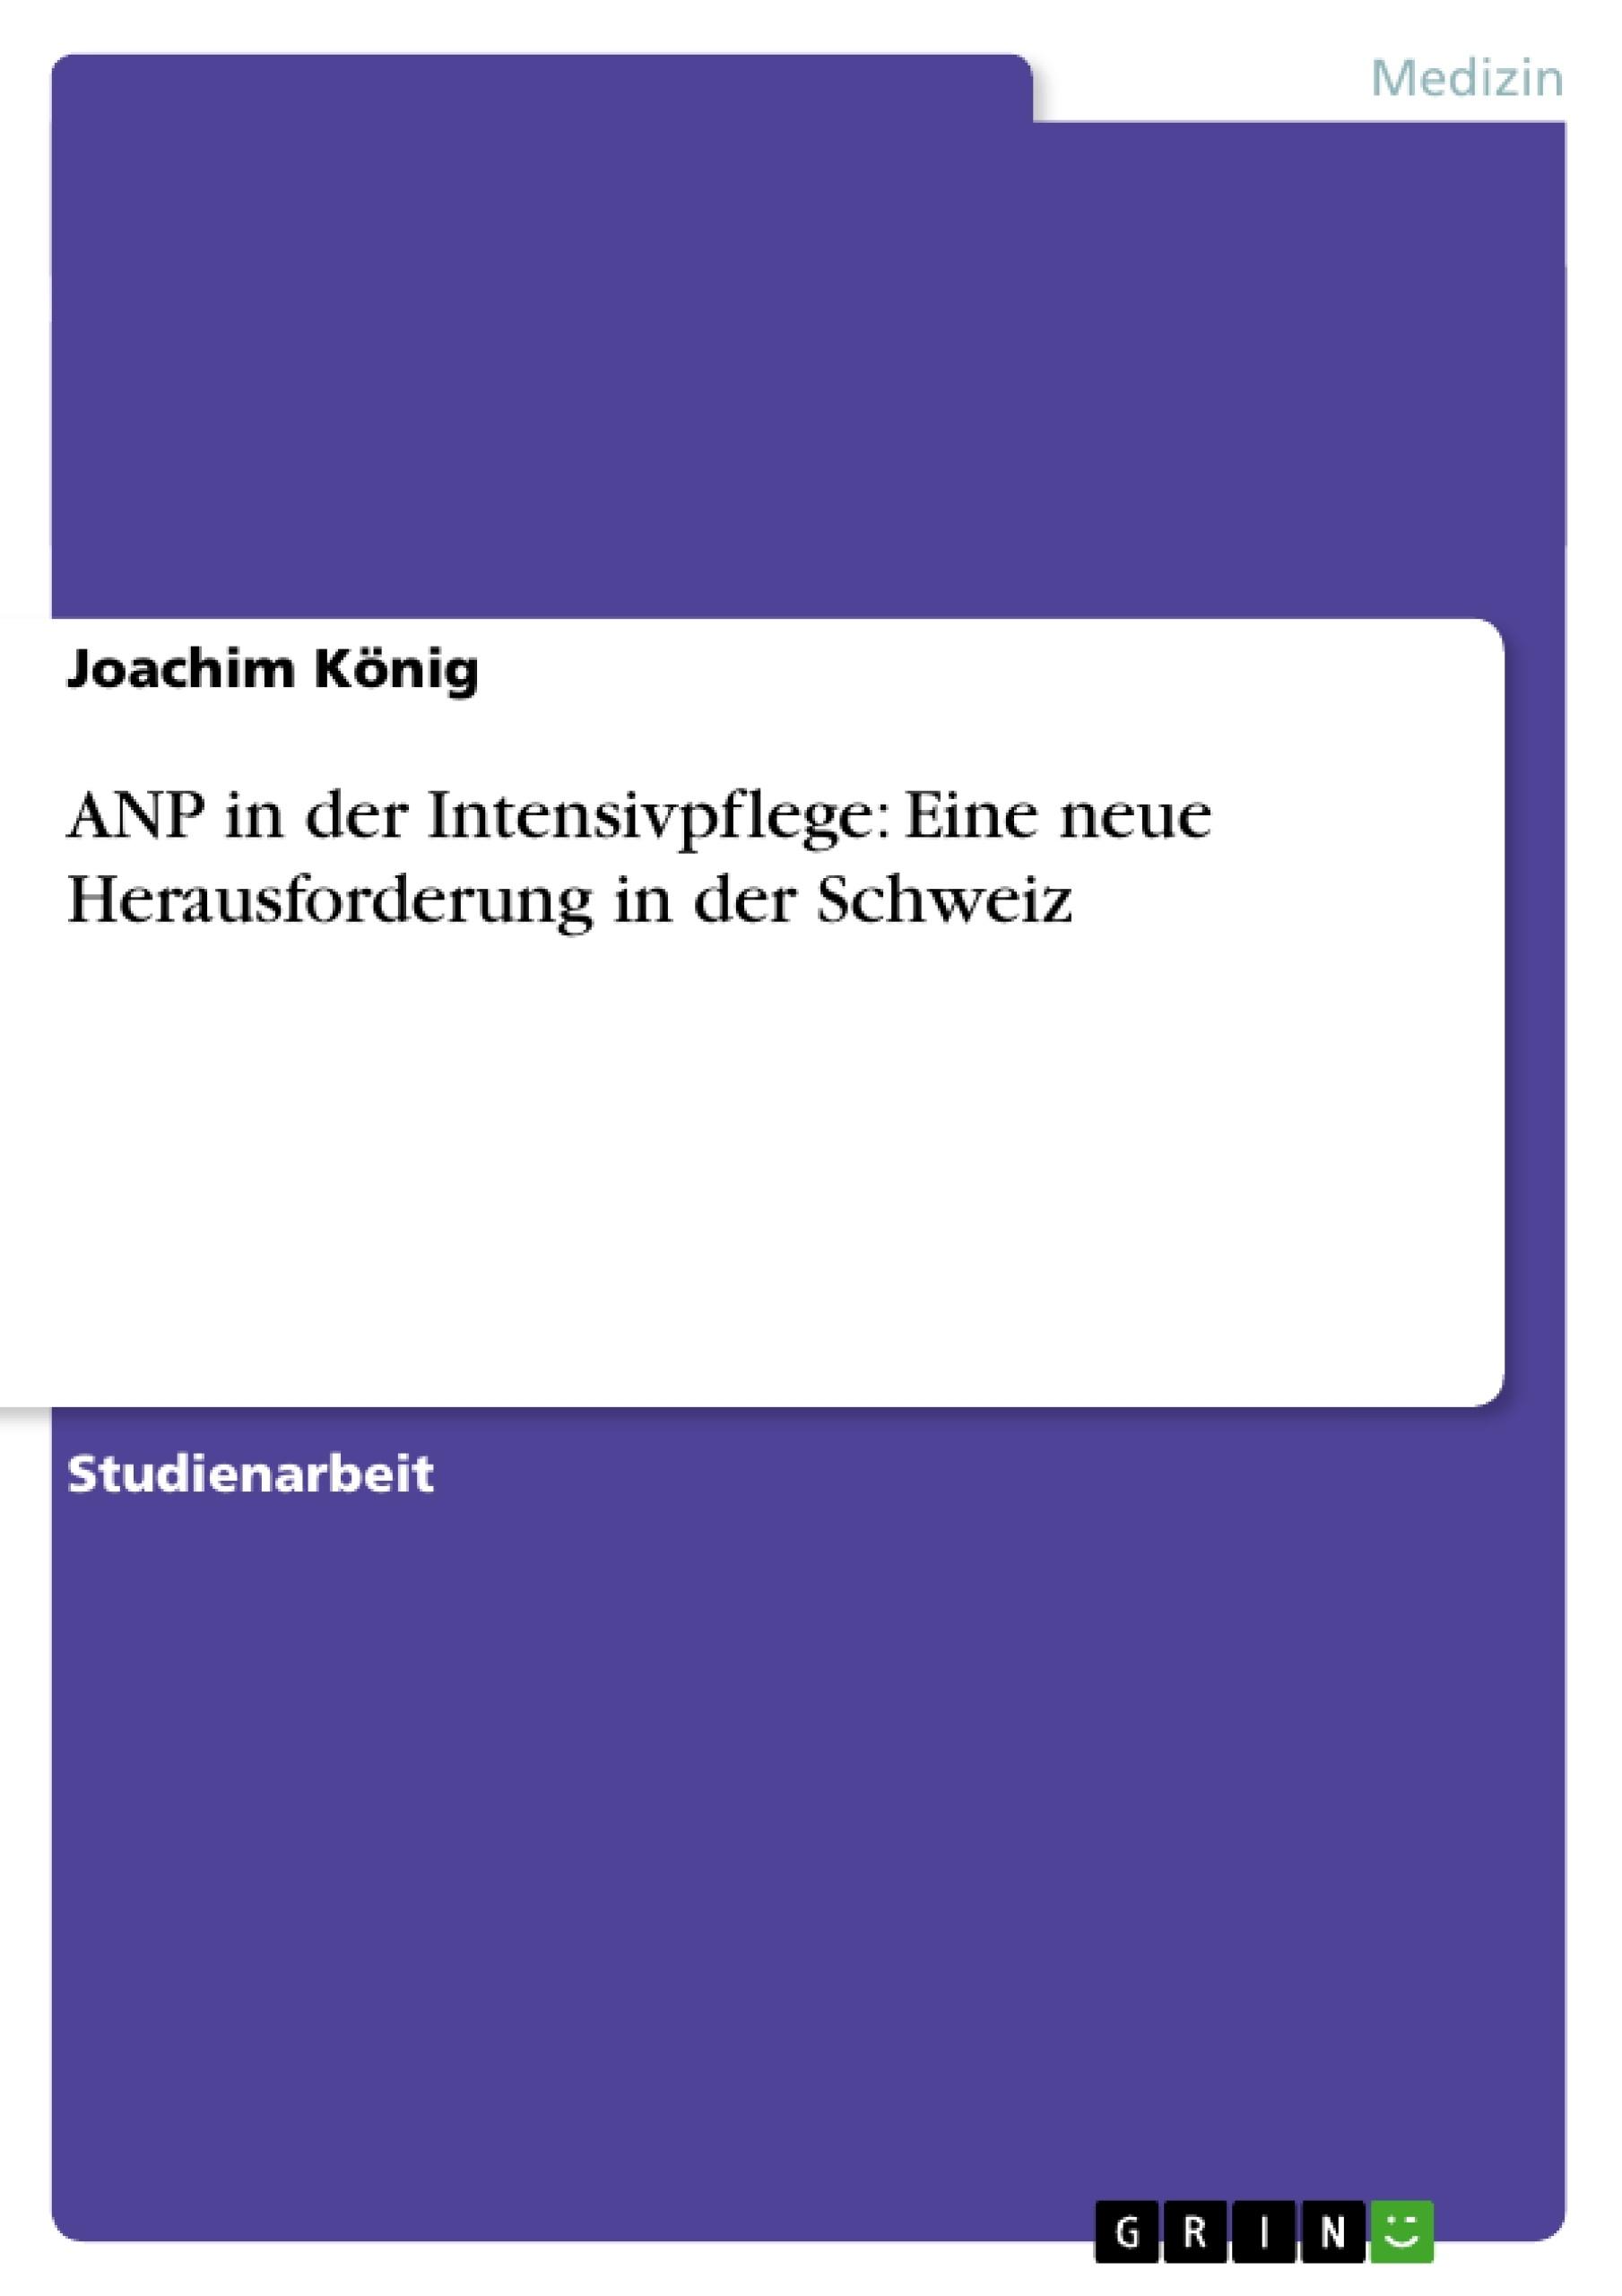 Titel: ANP in der Intensivpflege: Eine neue Herausforderung in der Schweiz